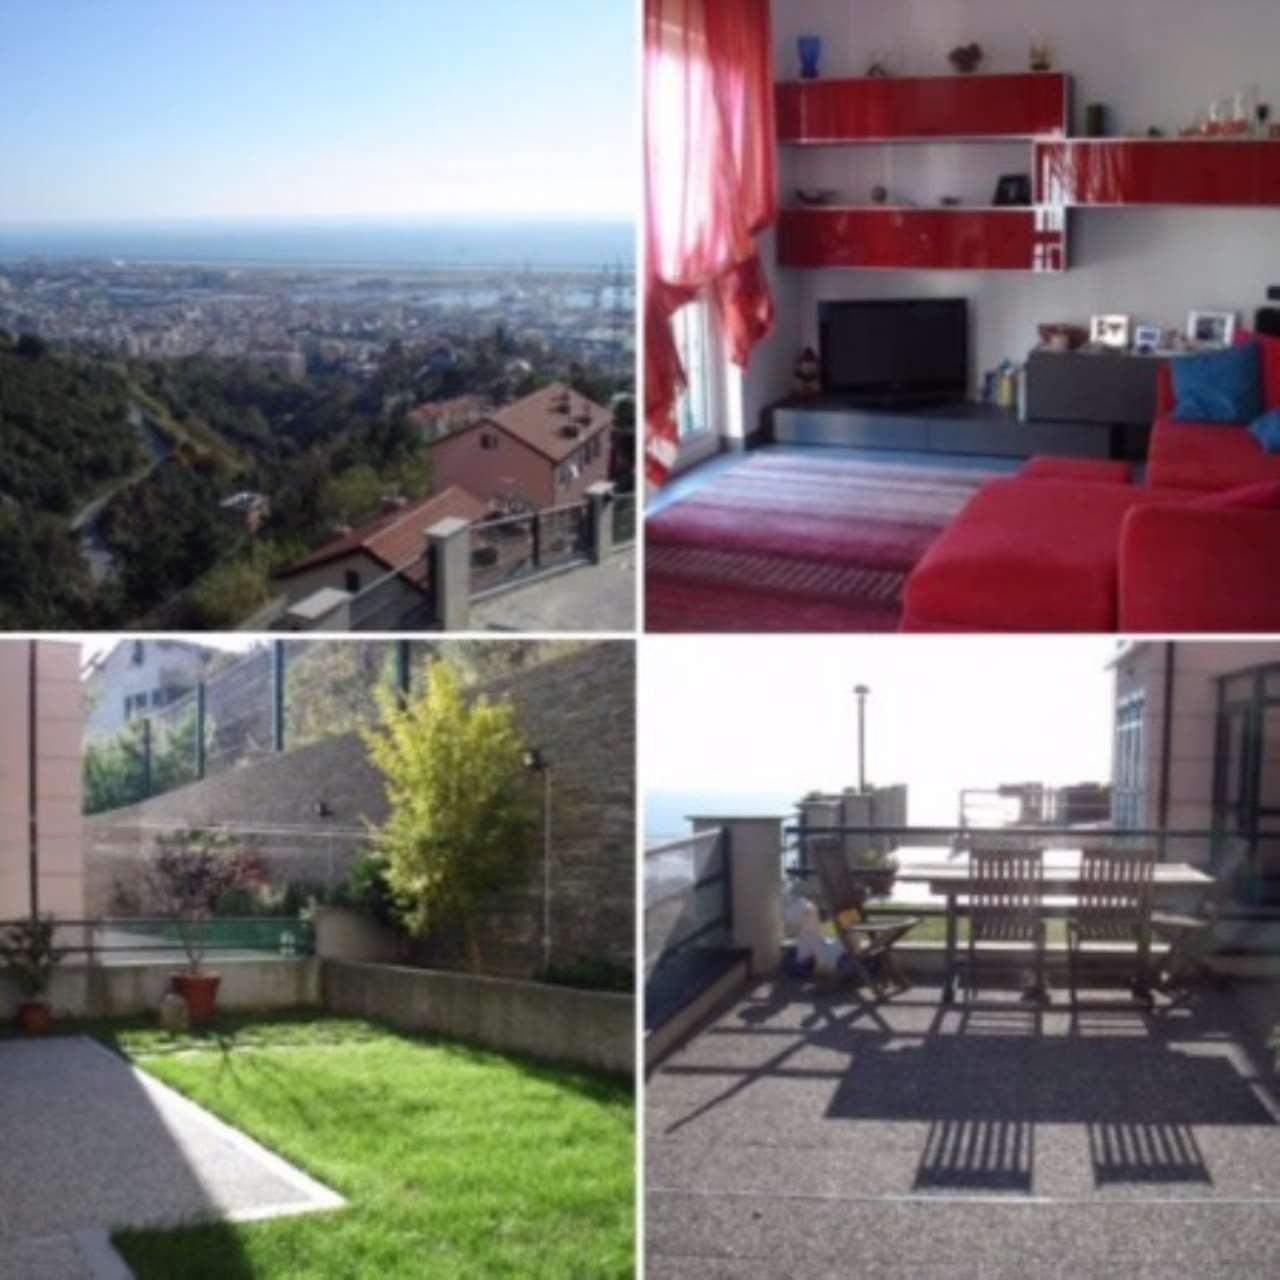 Villa in vendita a Genova, 6 locali, zona Zona: 13 . Sestri Ponente, Medio Ponente, prezzo € 500.000 | CambioCasa.it